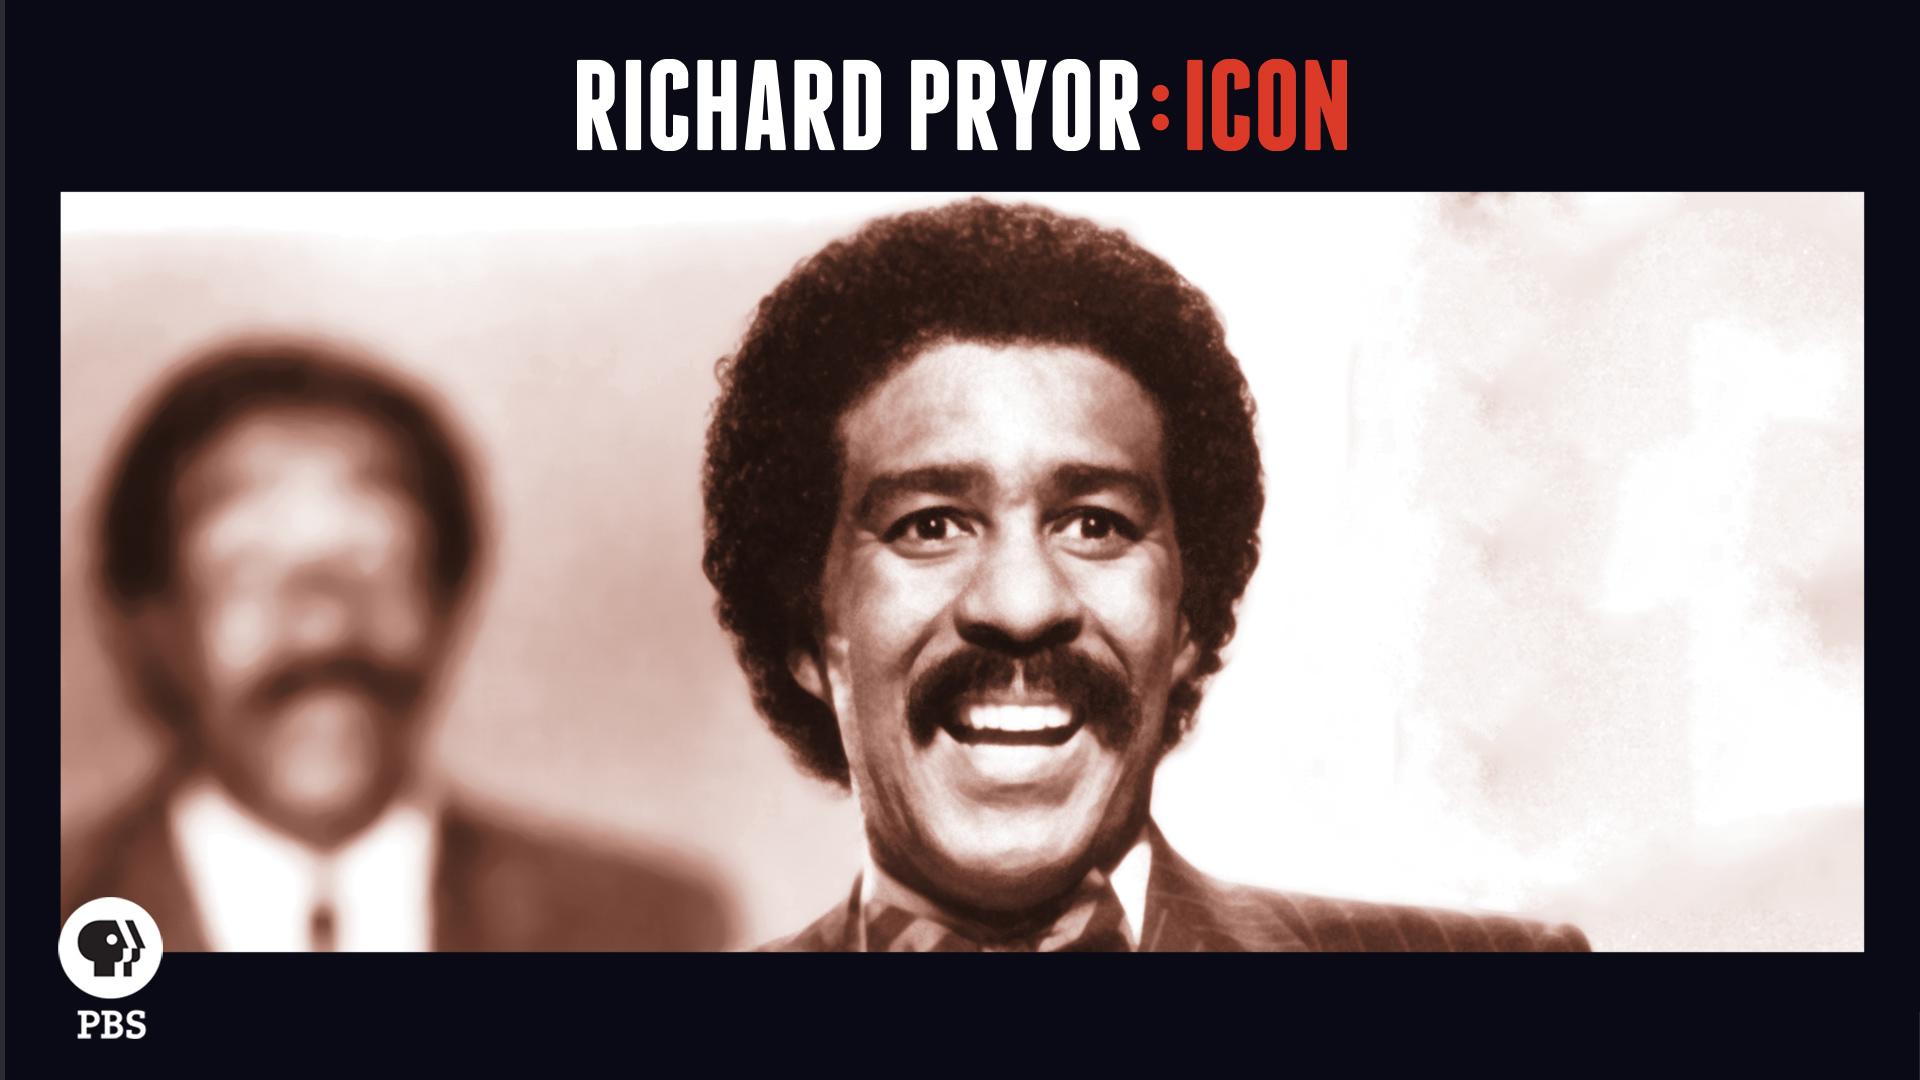 Richard Pryor: Icon